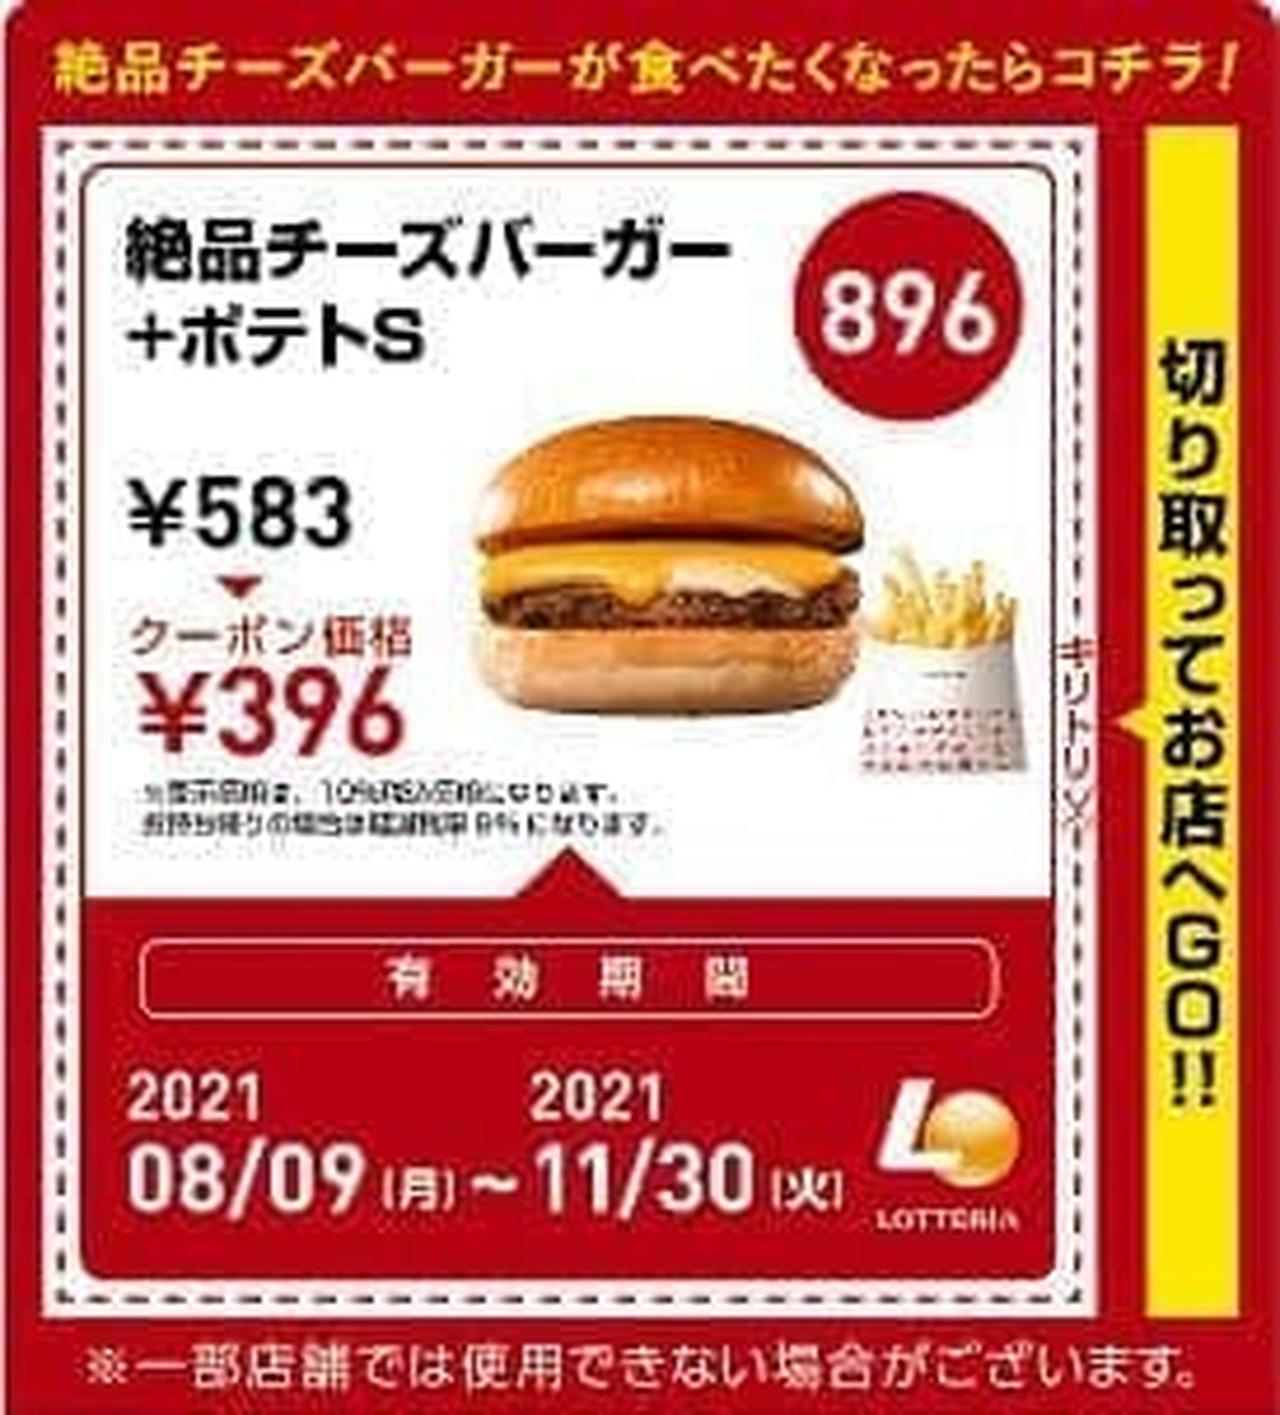 「ポテトチップス ロッテリア絶品チーズバーガー味」のクーポン券